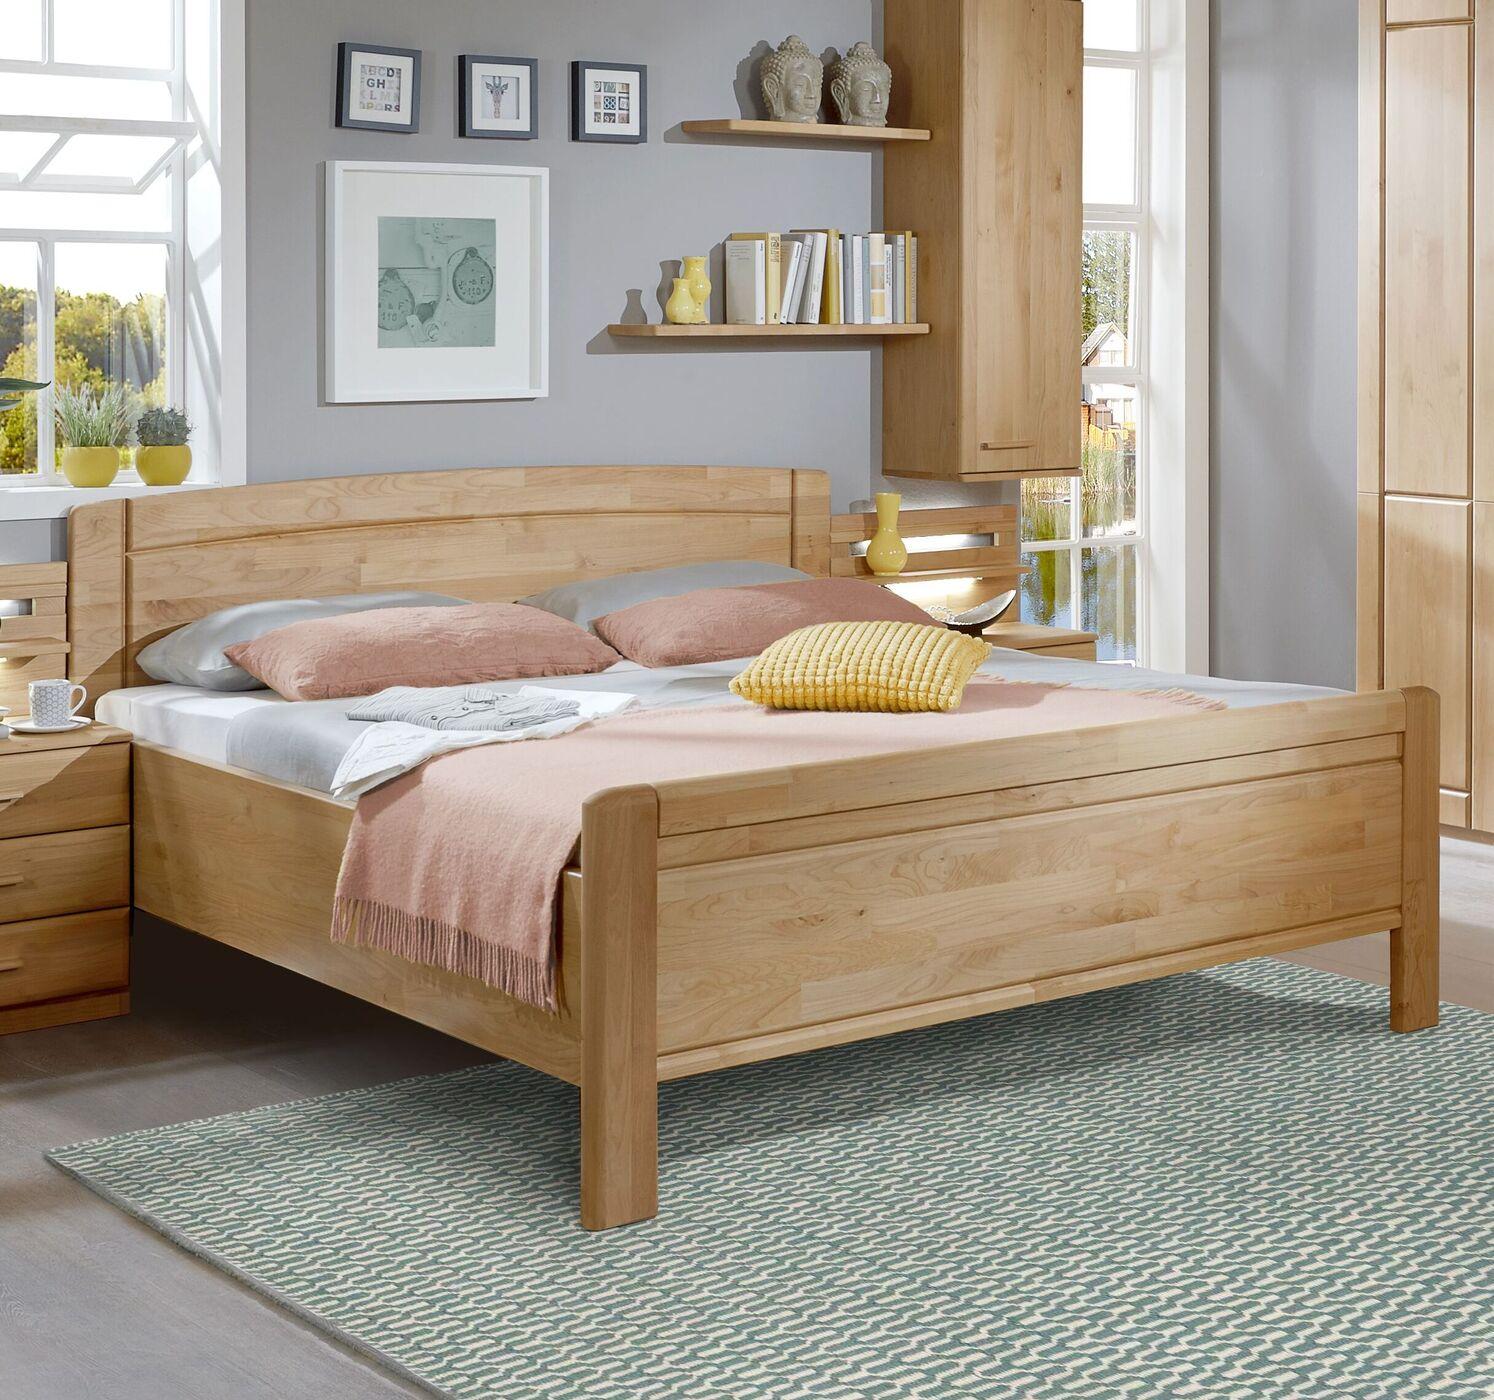 Full Size of Landhaus Bett Lifetime Oschmann Betten Weiß 120x200 Stapelbar Kopfteil Leander 140x200 Günstig Balinesische Mit Bettkasten 90x200 Günstige 180x200 Bett Landhaus Bett